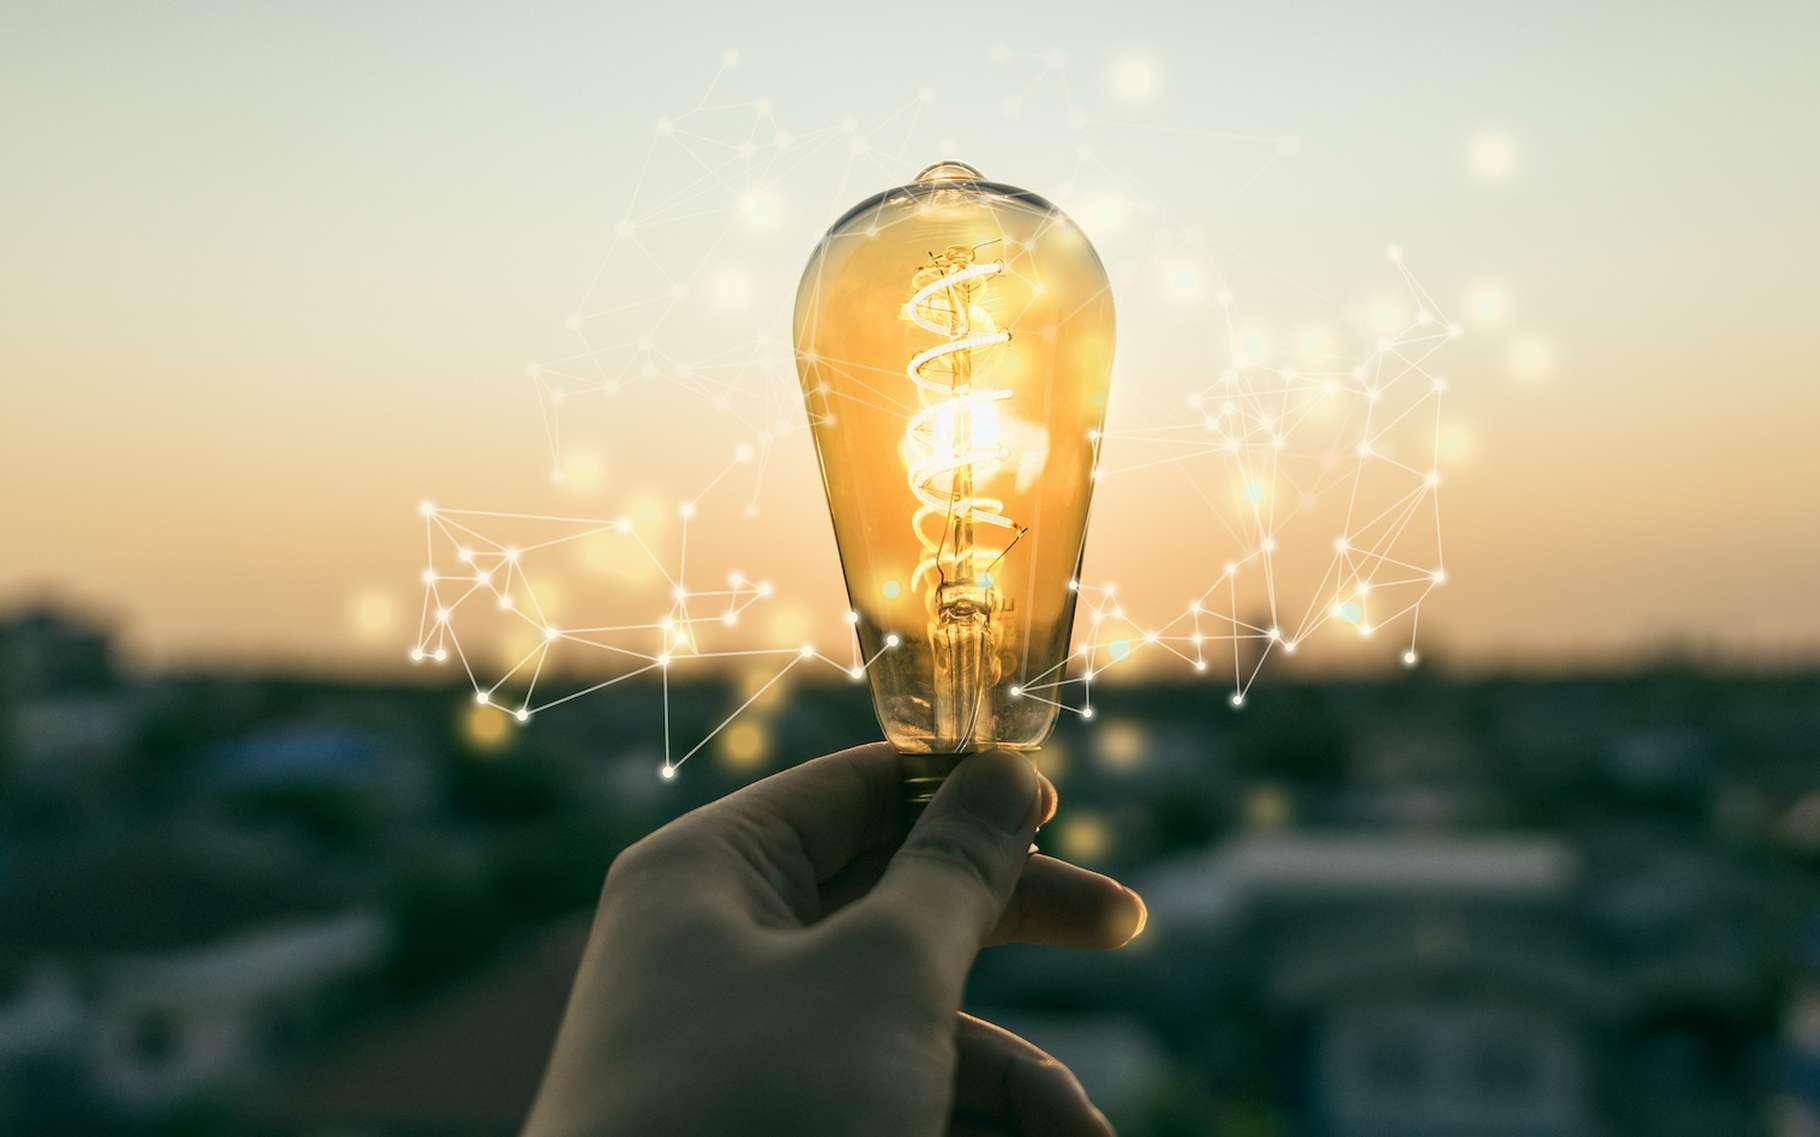 L'événement se tenait habituellement à Paris. Cette année, en raison de la crise sanitaire, les Electric Days se réinventent et EDF propose, ce 1er décembre 2020, une version 100 % digitale de son « événement des énergies qui changent tout ». © sommart, Adobe Stock